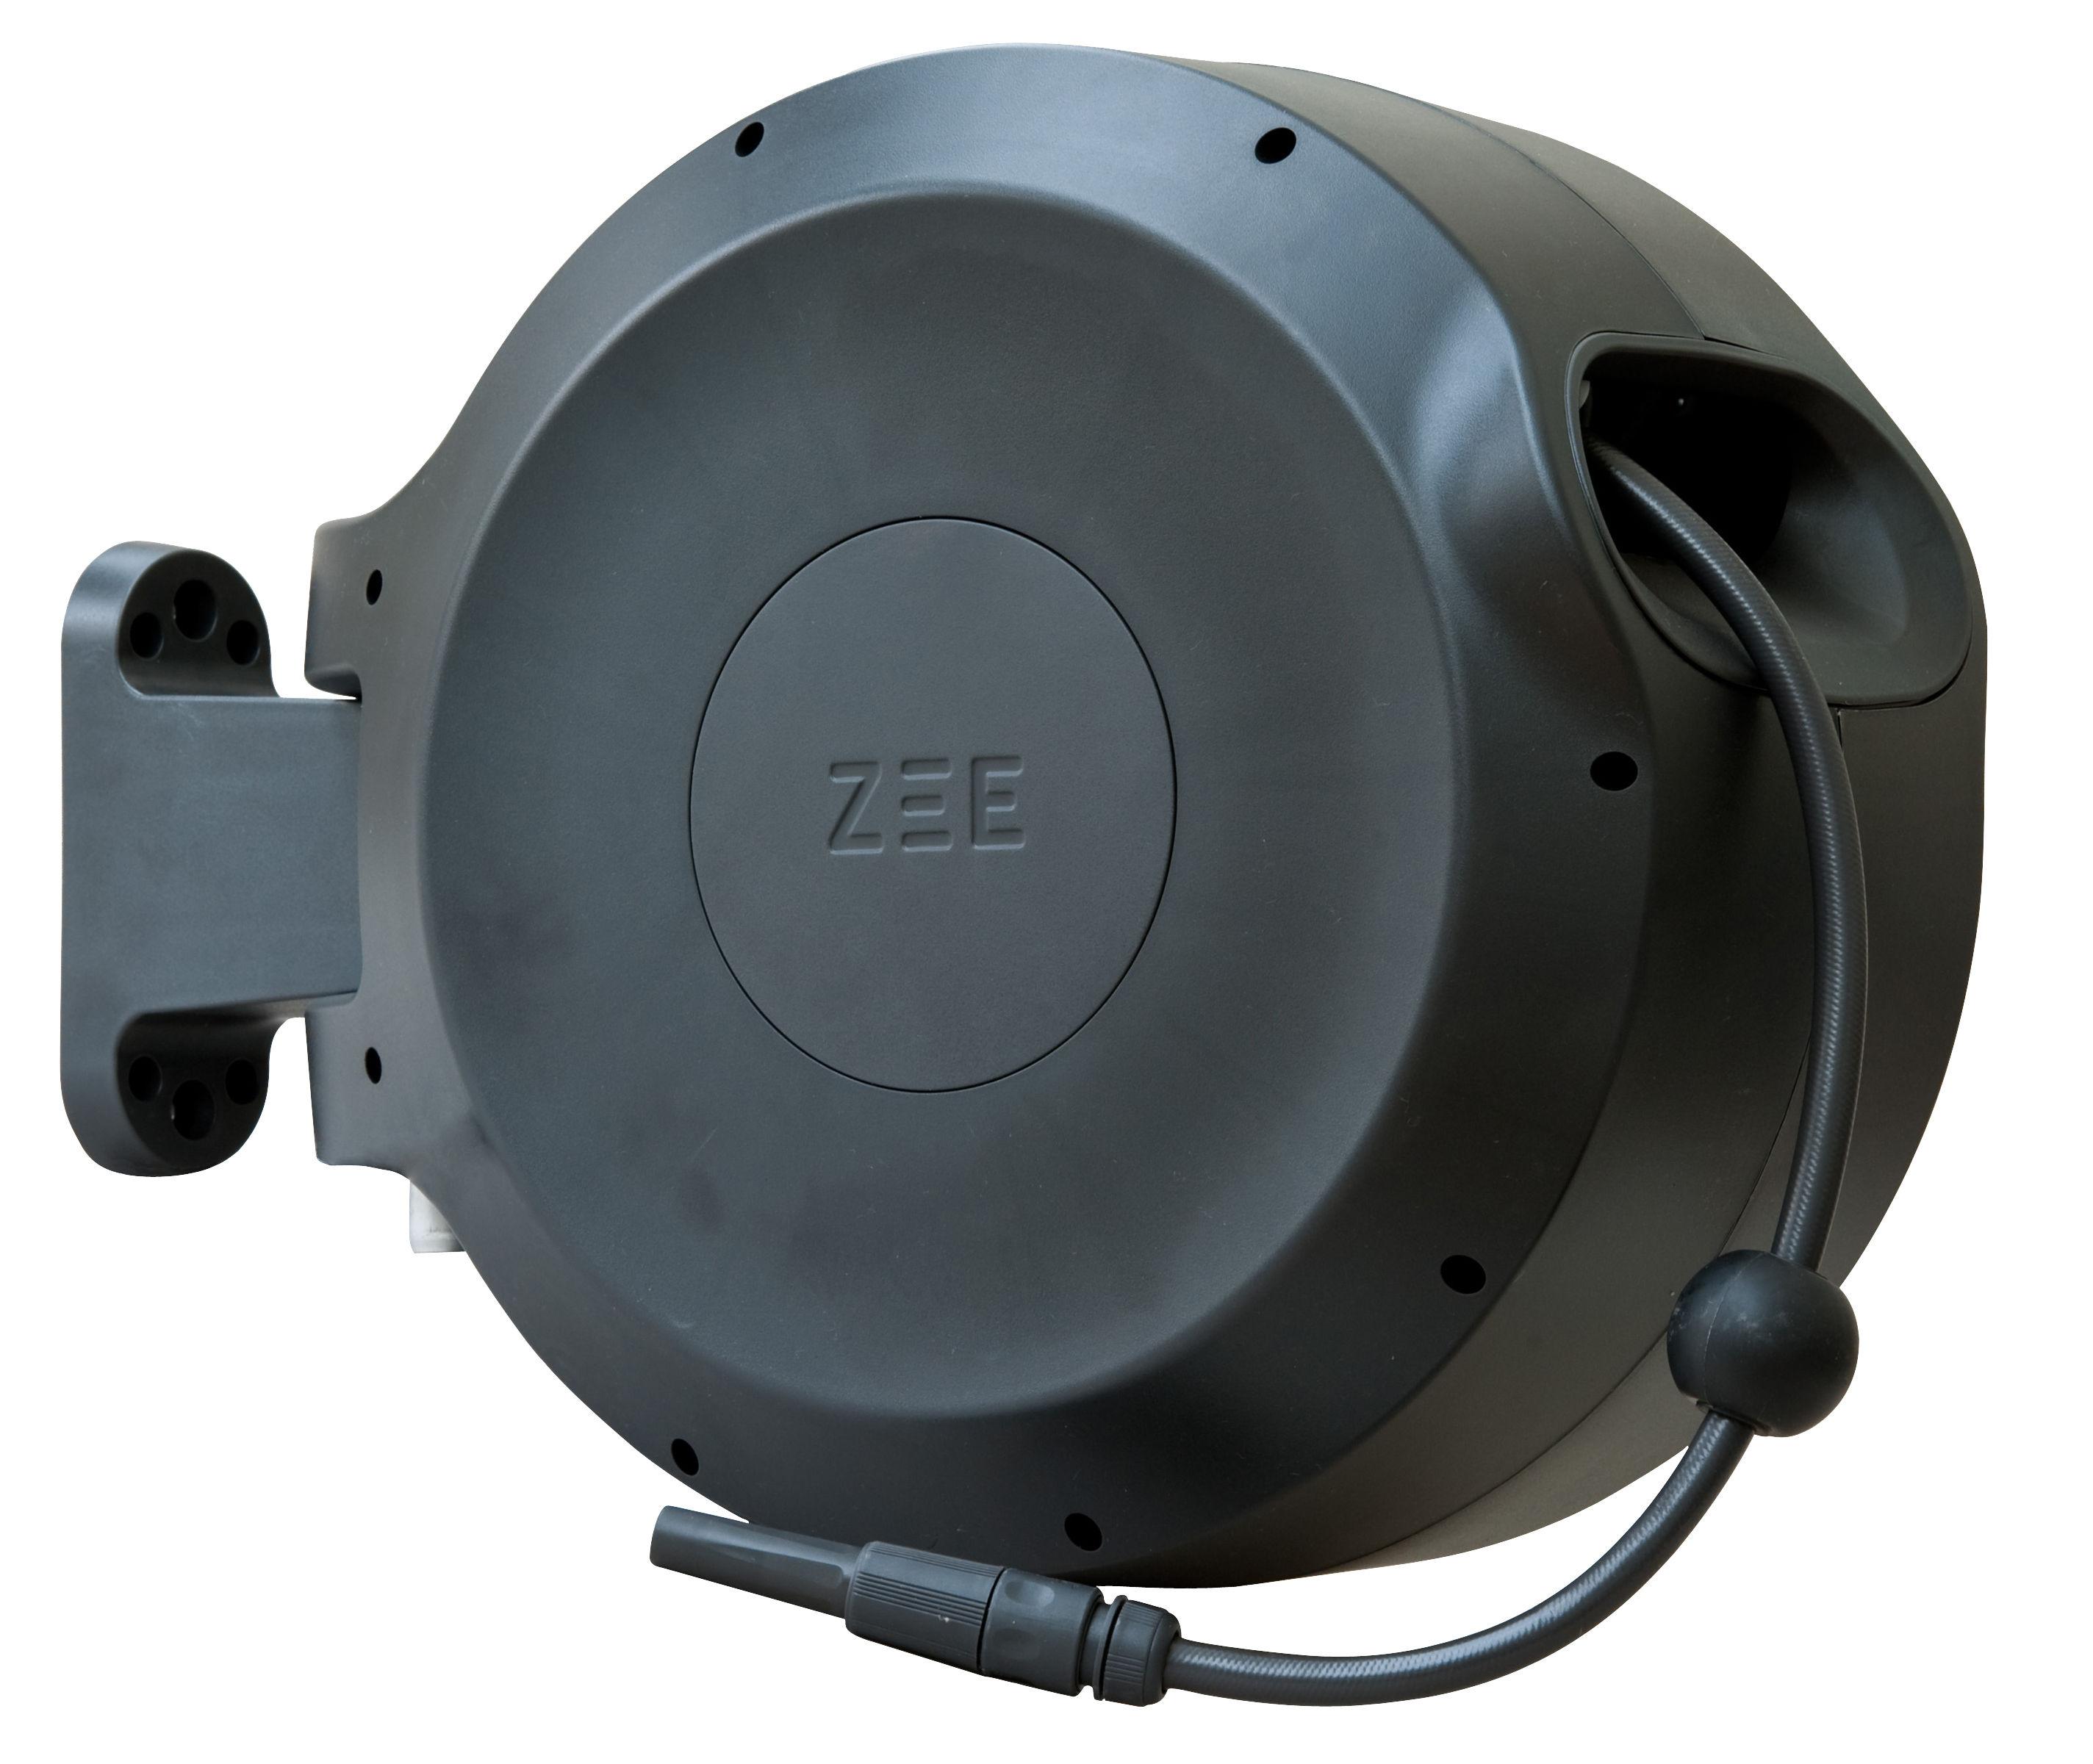 Outdoor - Vasi e Piante - Tubo per innaffiare Mirtoon - 30m / Avvolgimento automatico - Pistola in omaggio di Zee - Nero - ABS, PVC